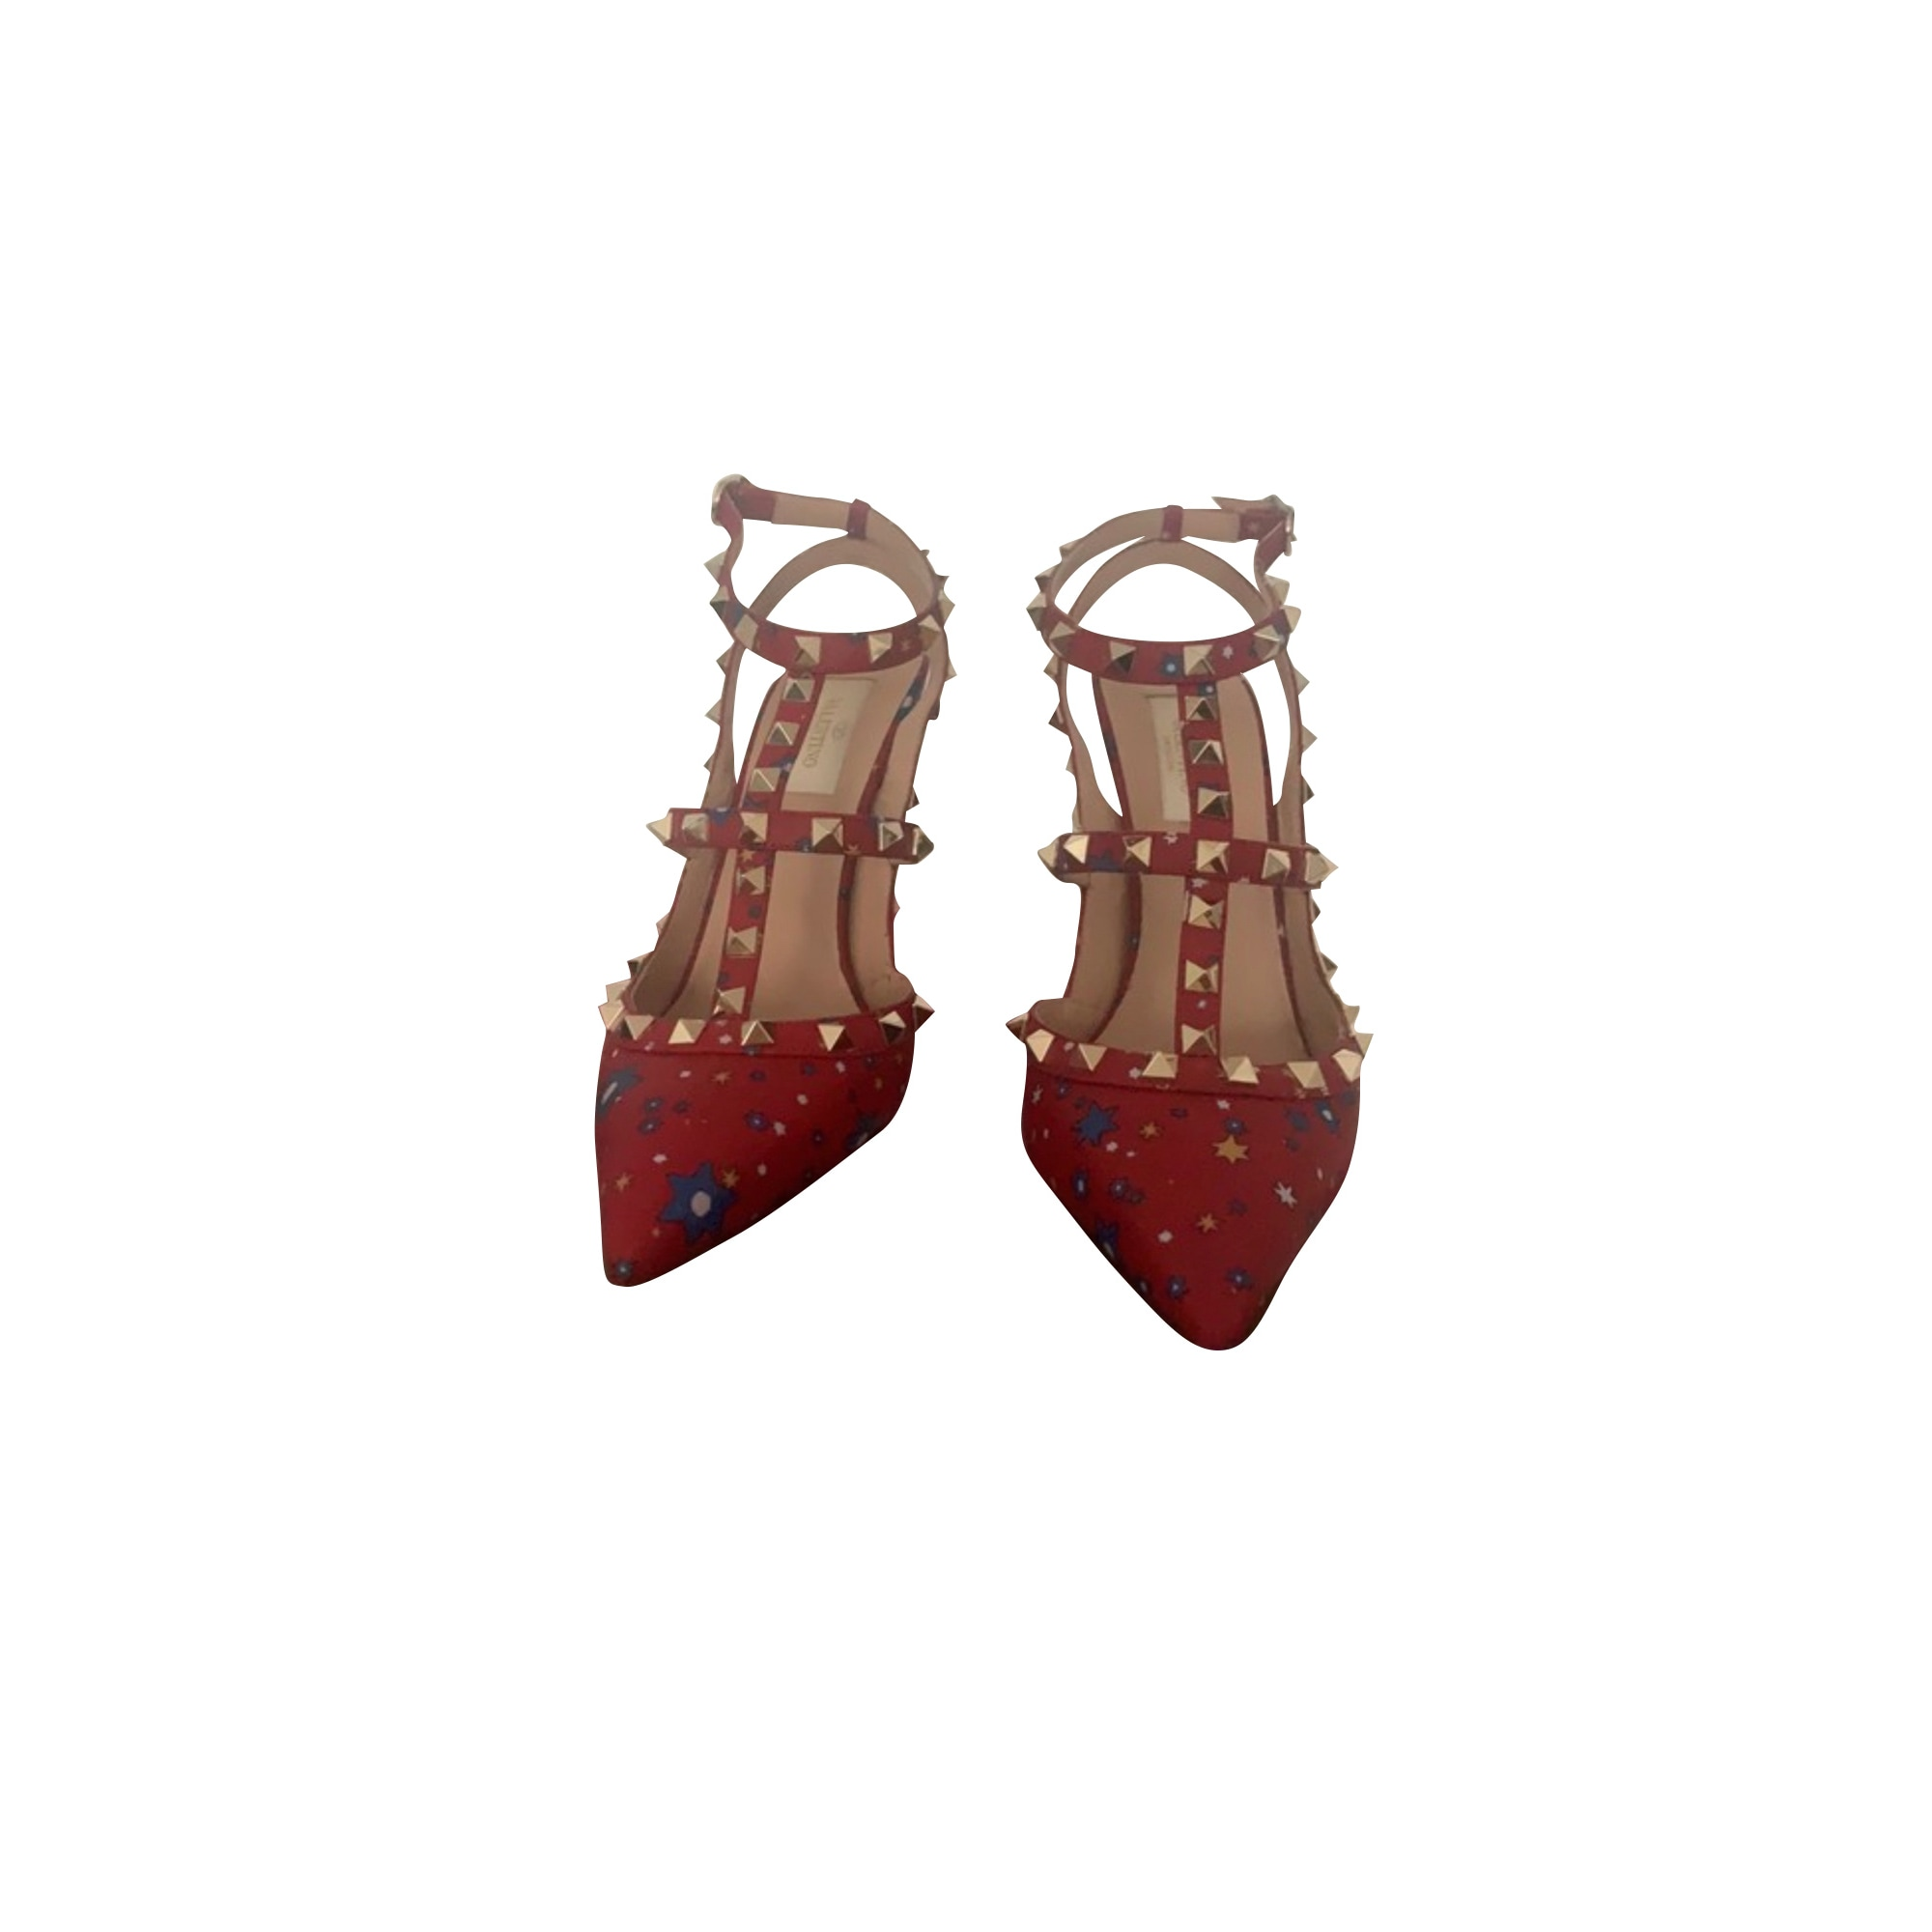 Sandales à talons VALENTINO Rockstud Rouge, bordeaux